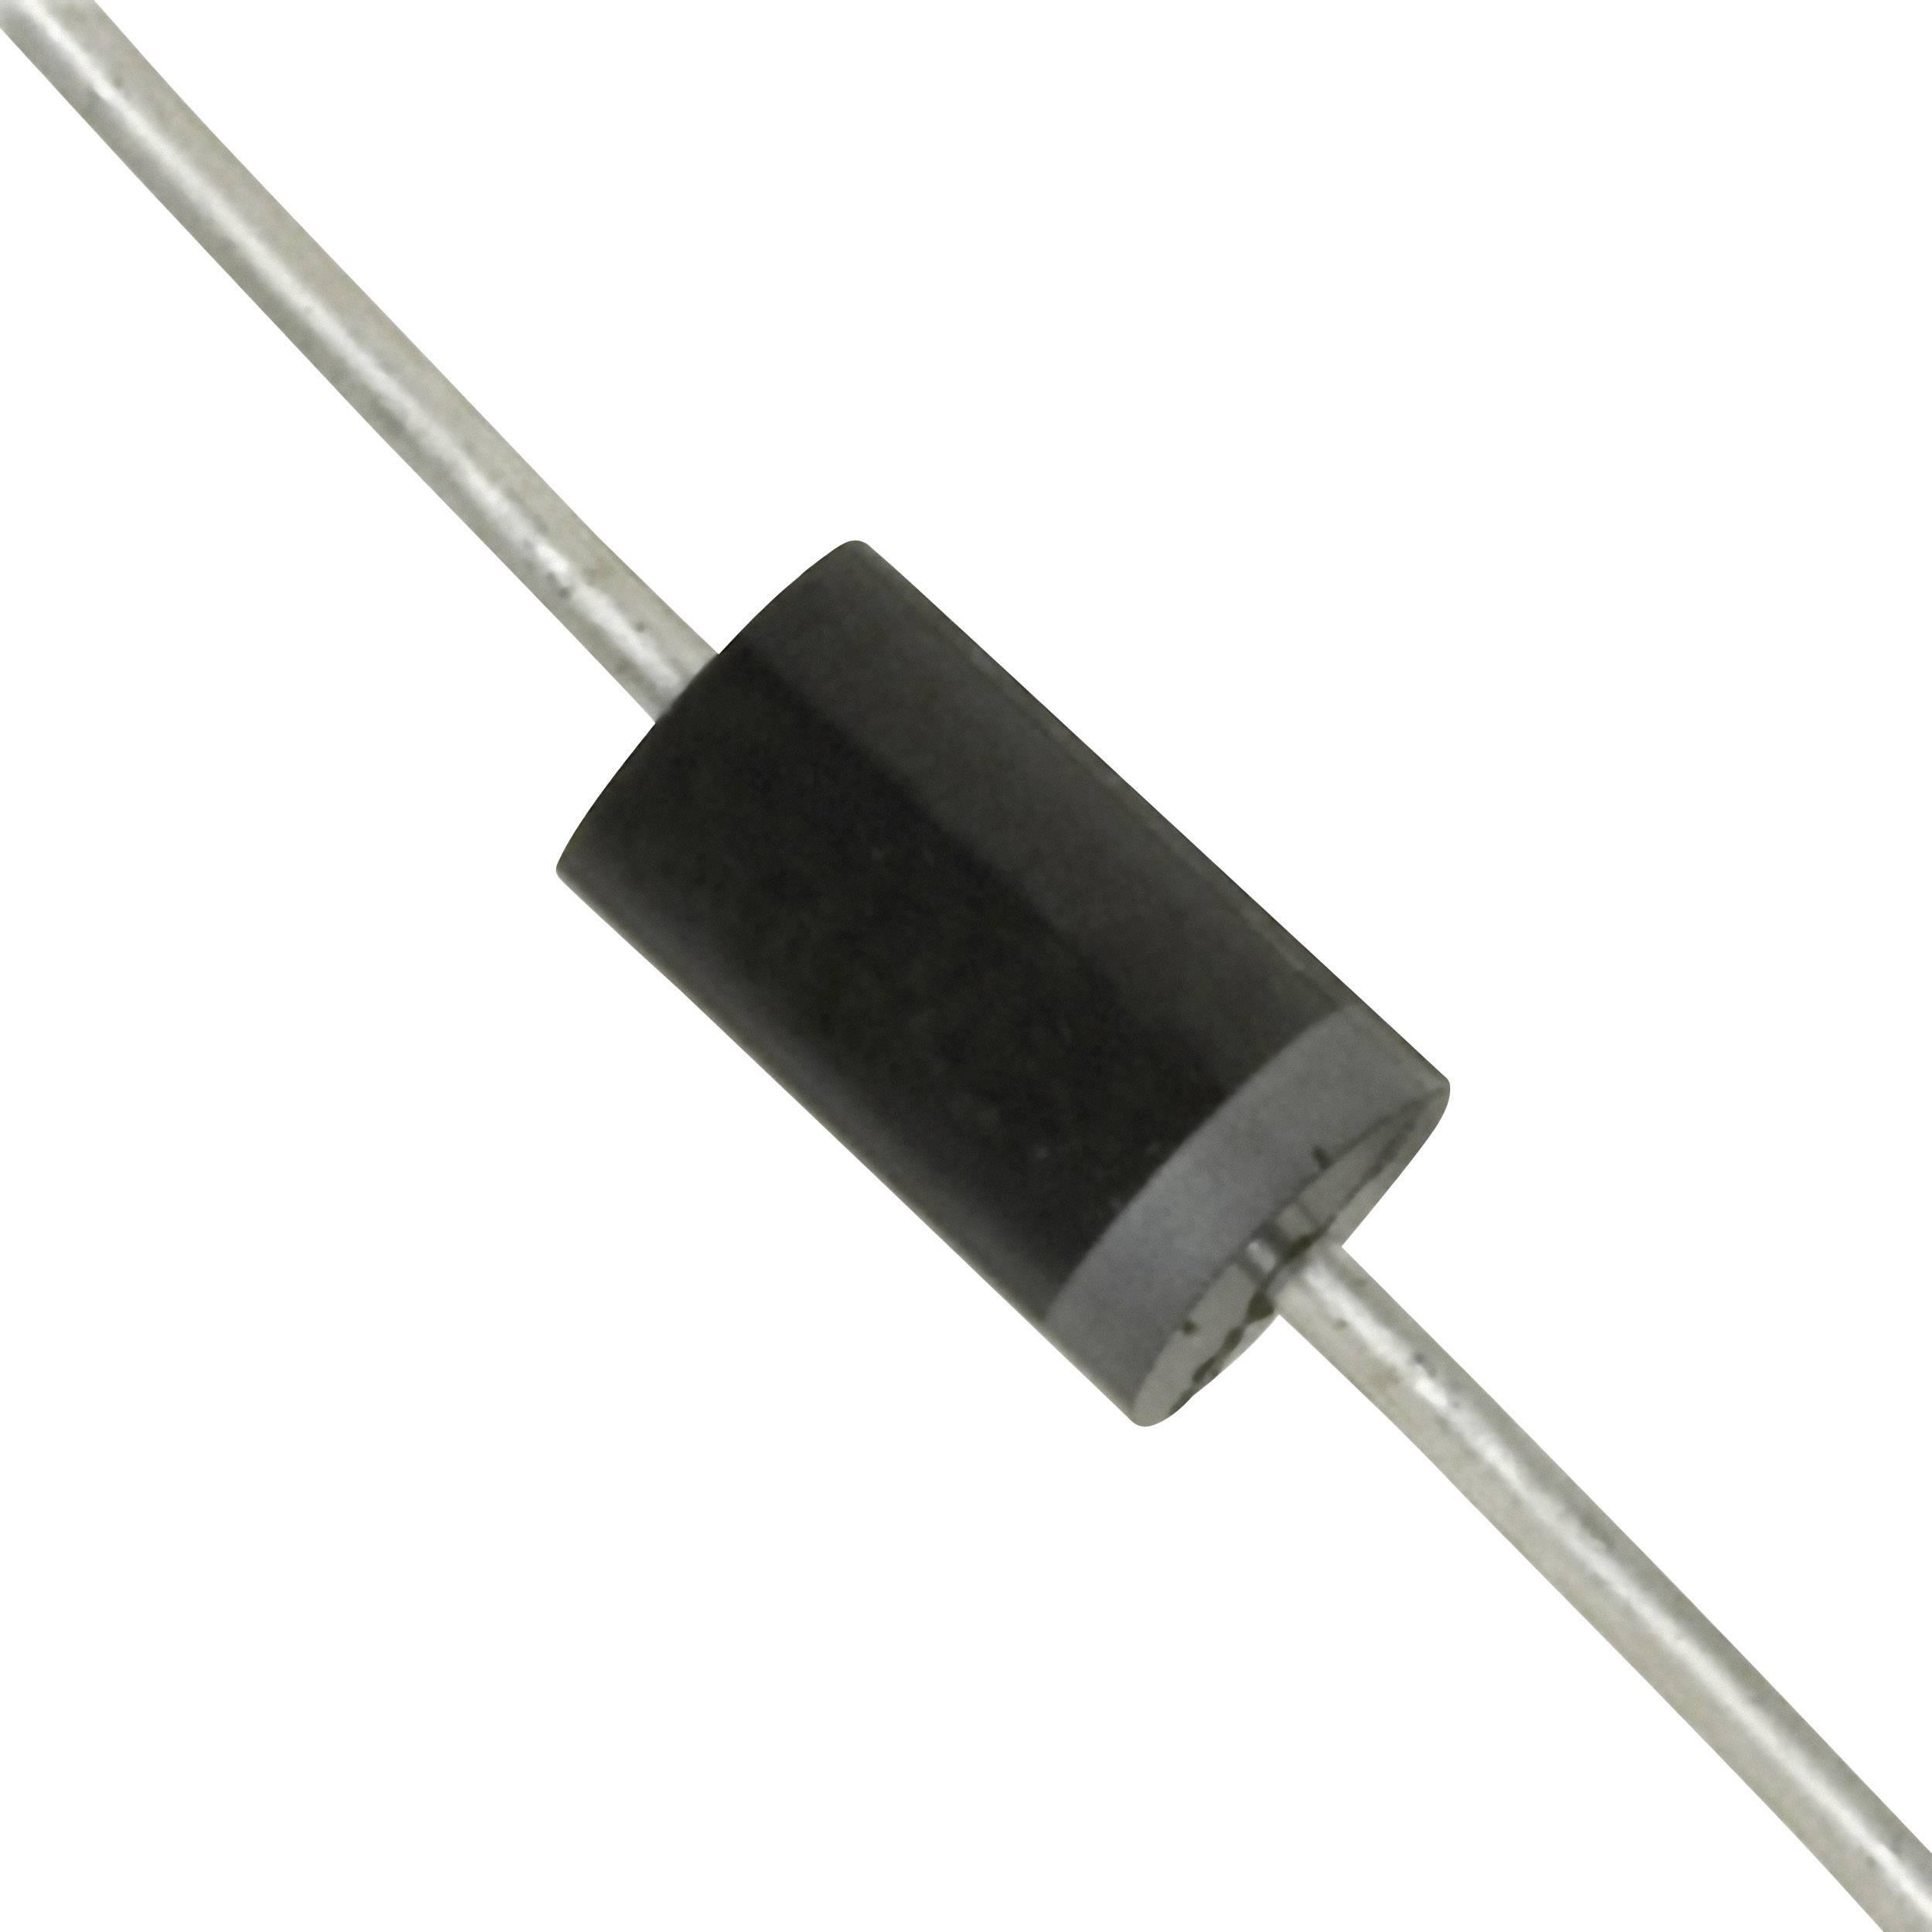 Zenerova dioda Diotec ZPD 7,5 V, 500 mW, DO 35 P